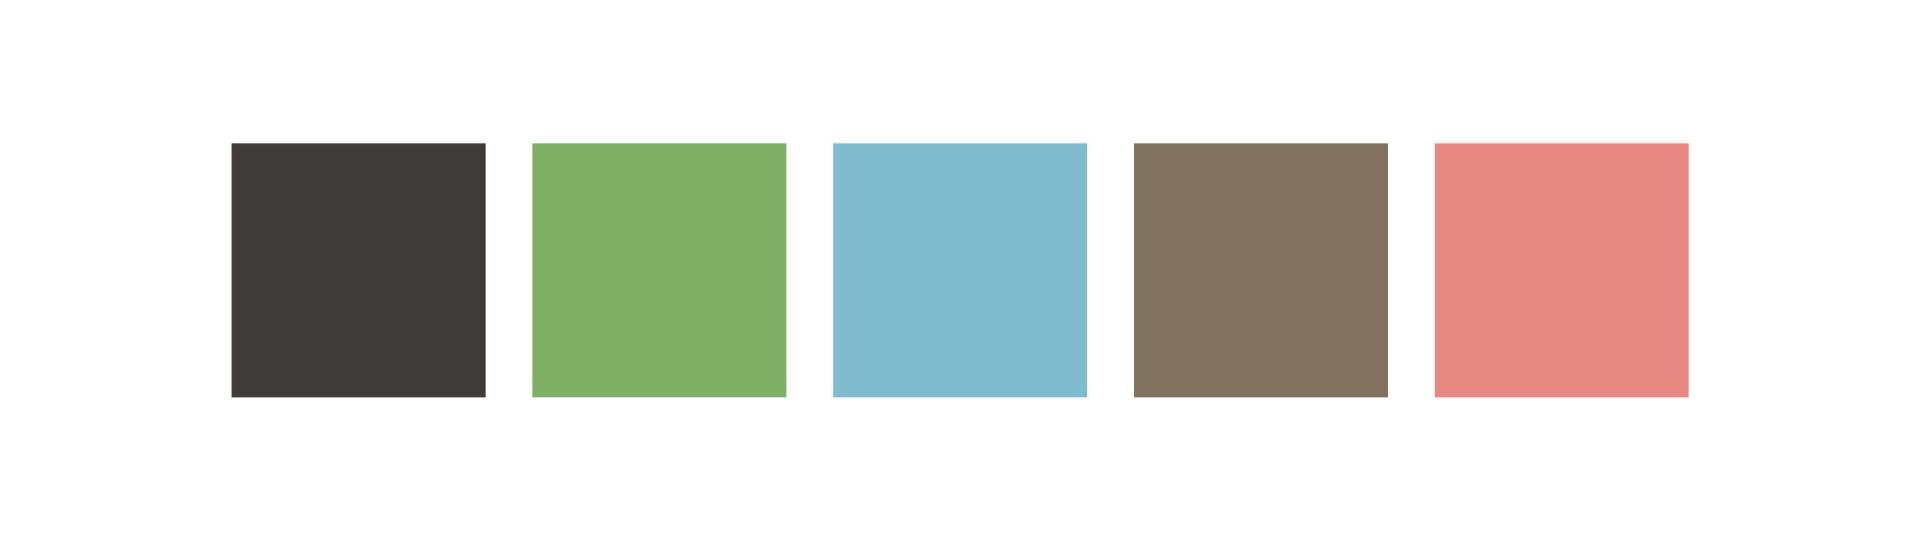 Color Palette: black, green, light blue, brown, pink